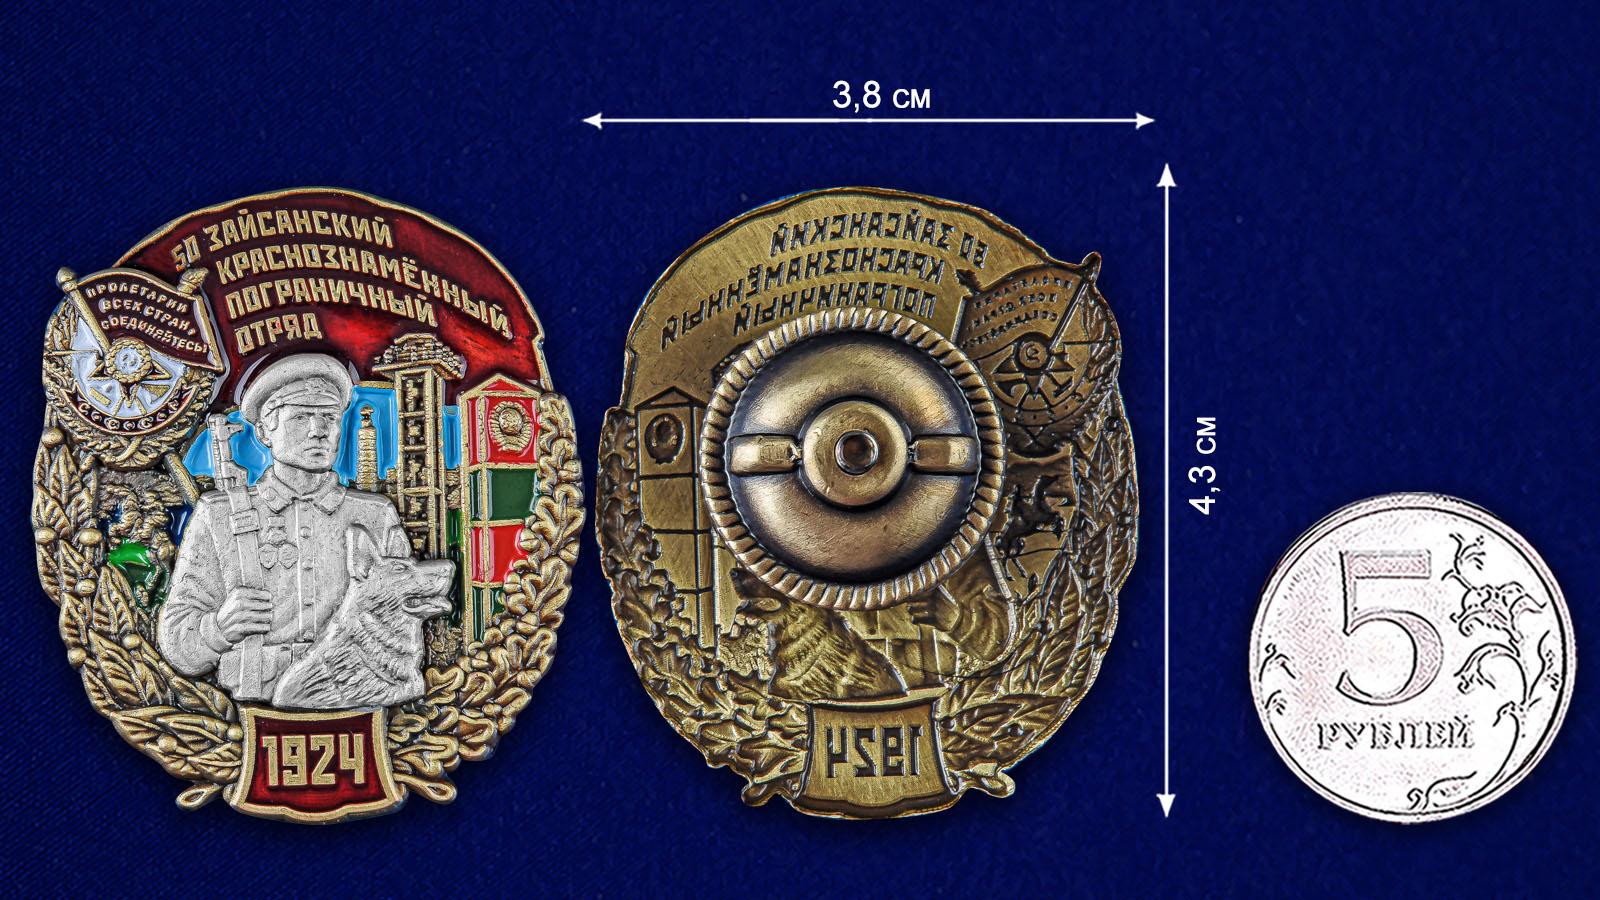 Знак 50 Зайсанский пограничный отряд - сравнительный размер